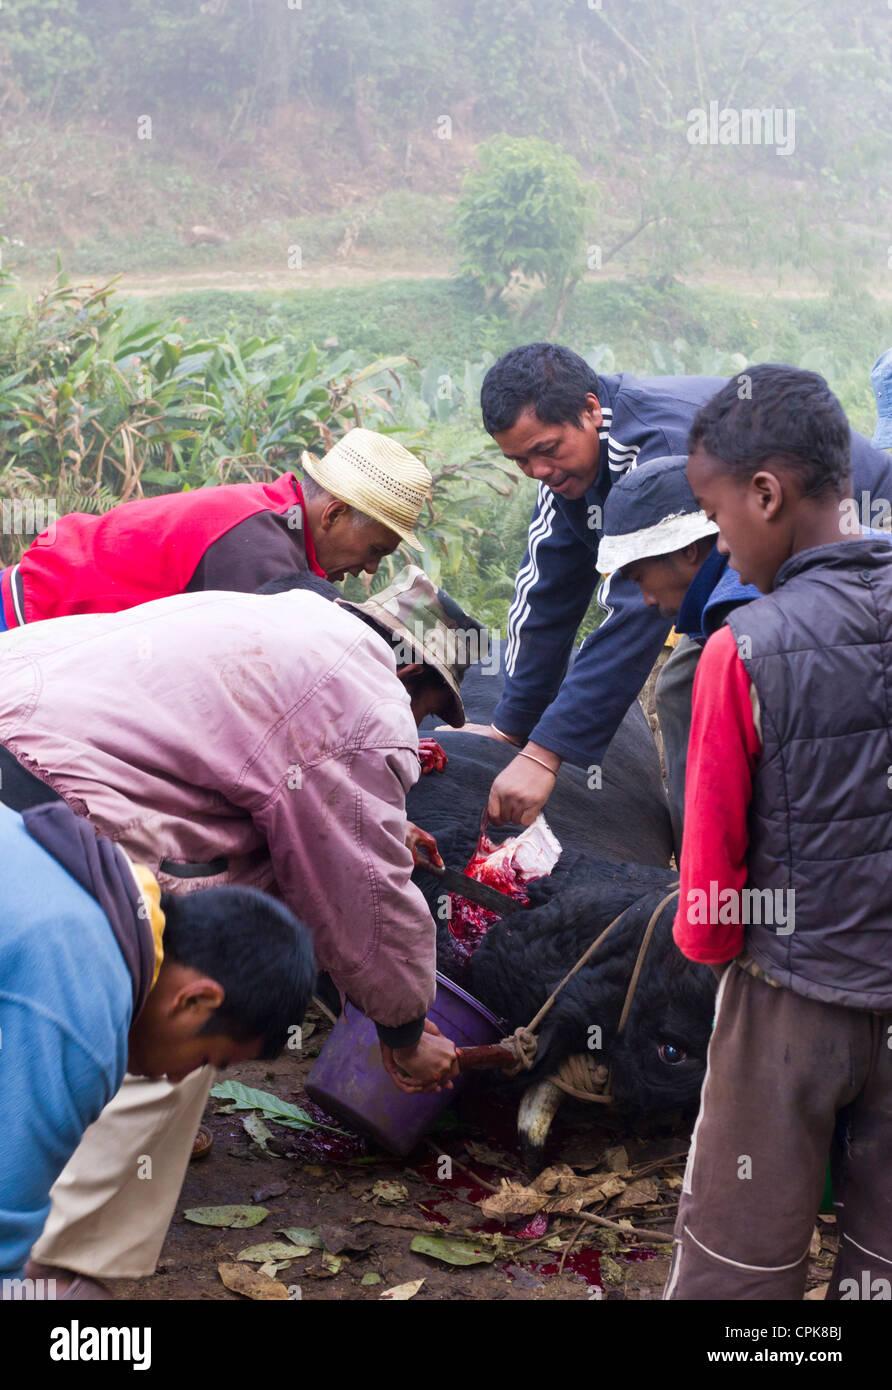 Tötung eines Stieres am Straßenrand, Andasibe, Madagaskar Stockbild